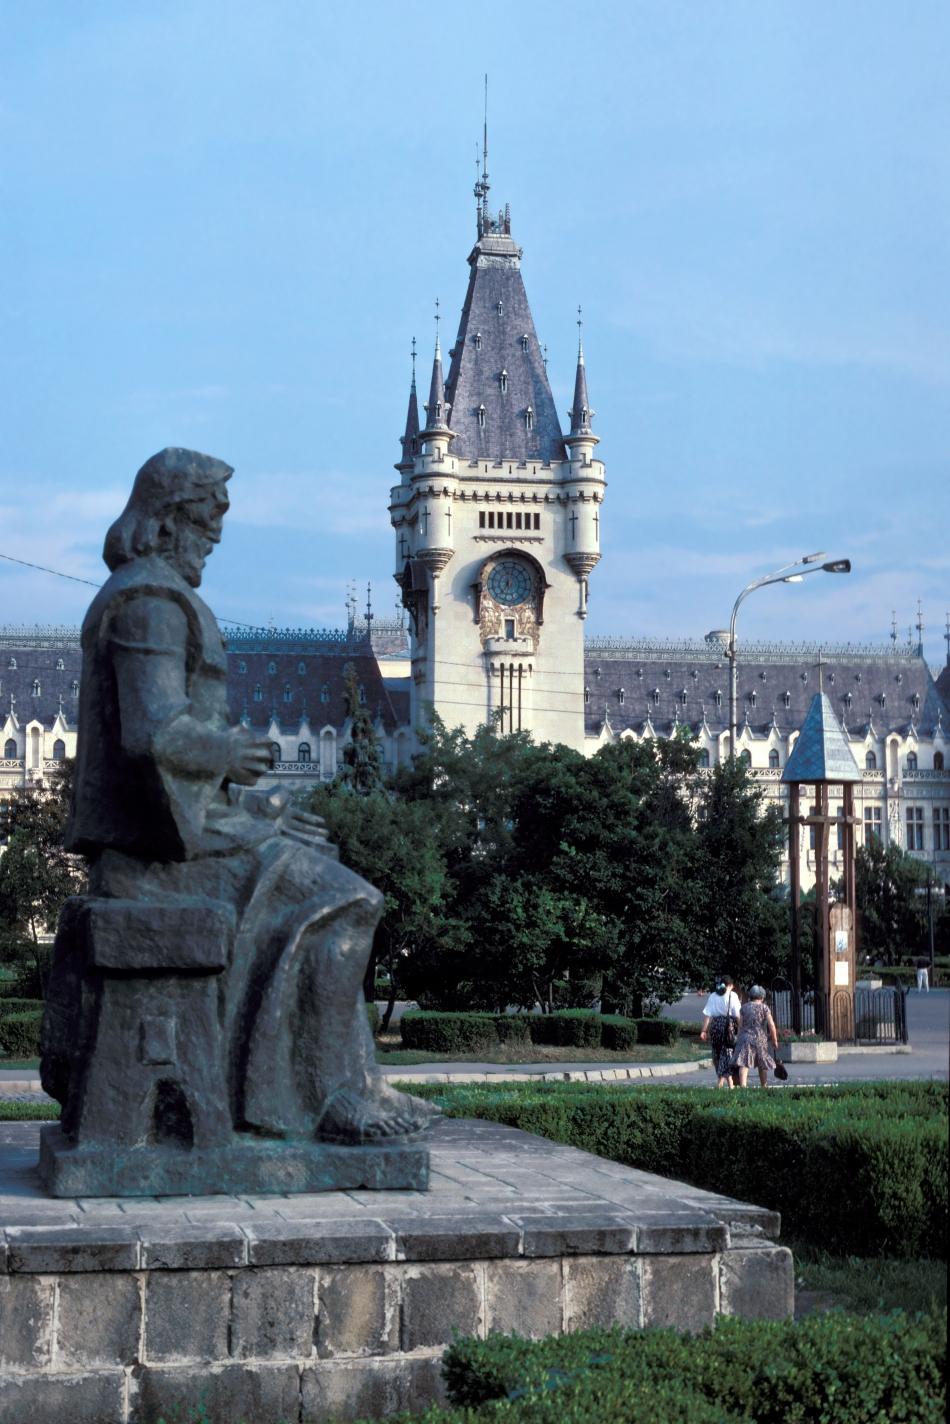 Din 1984 păşeşte aproape zilnic în turnul Palatului Culturii, pentru a veghea asupra ceasului de acolo, unul dintre ceasurile mecanice din turnuri care a funcţionat aproape fără oprire din 1925, când a arătat pentru prima dată ora exactă.